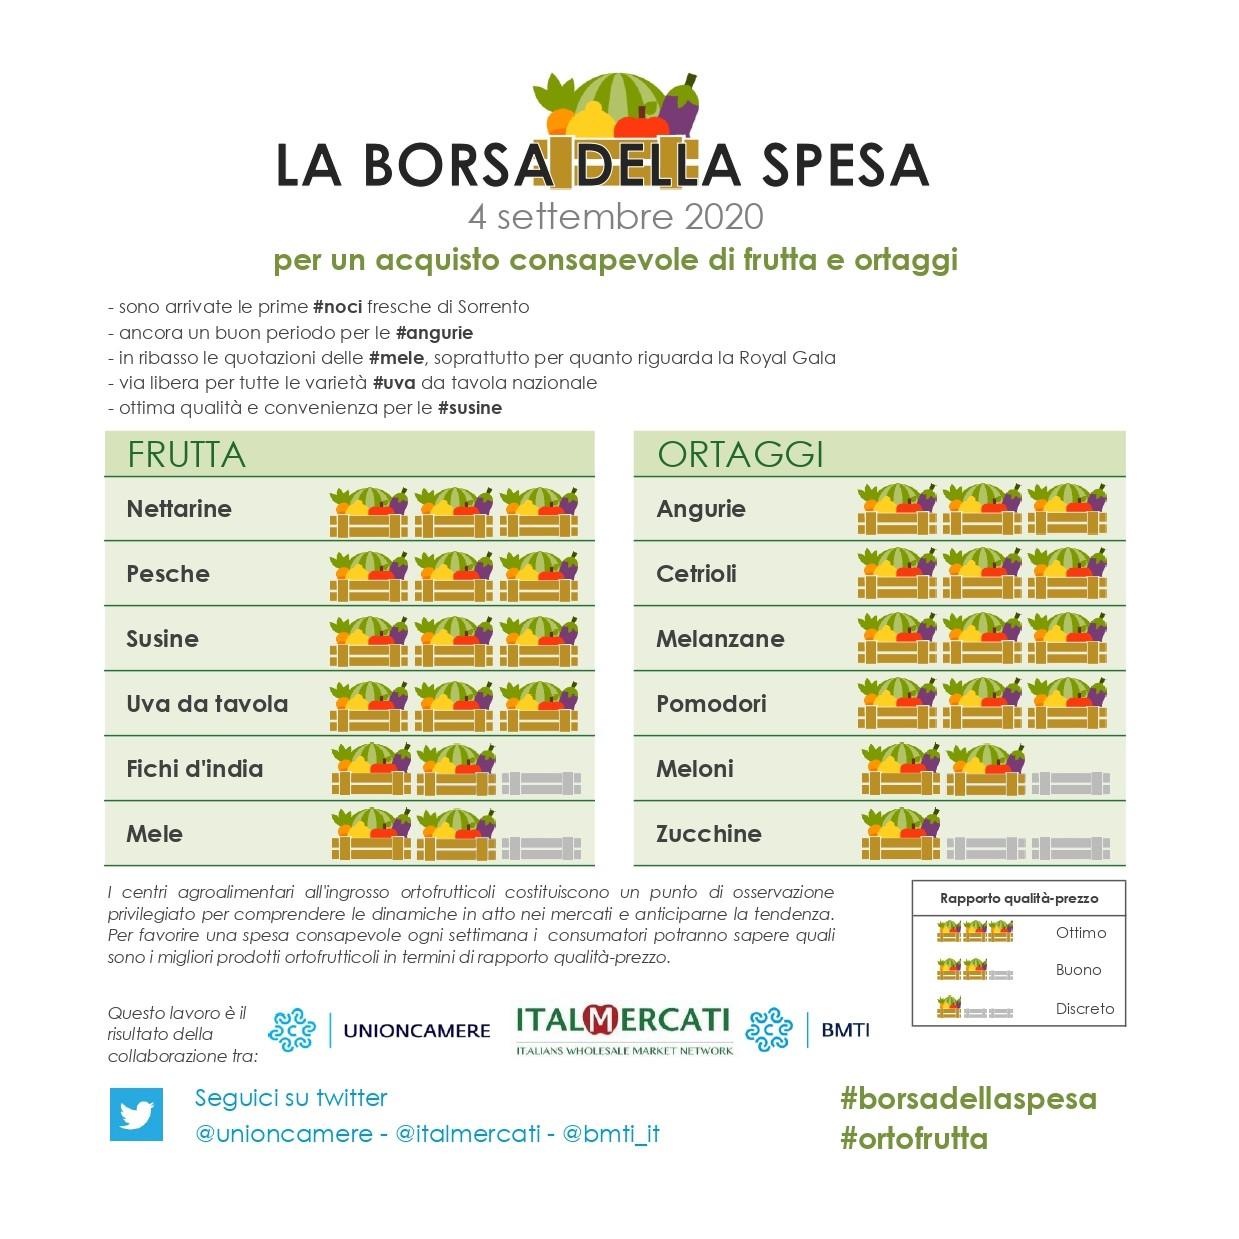 Nella #borsadellaspesa di #ortofrutta del 4 settembre: #angurie, #cetrioli, #melanzane, #pomodori, #nettarine, #pesche, #susine e  #uvadatavola